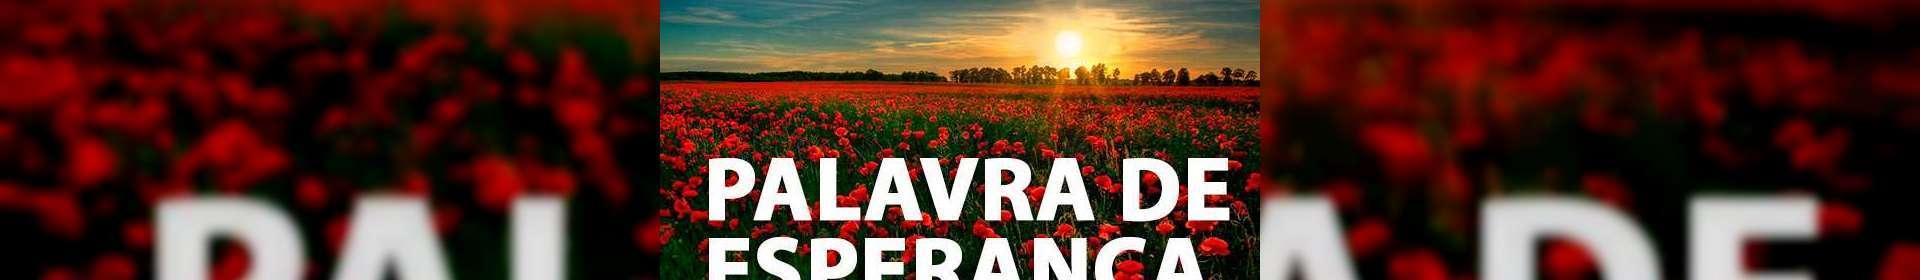 Salmos 84:1-4 - Uma Palavra de Esperança para sua vida